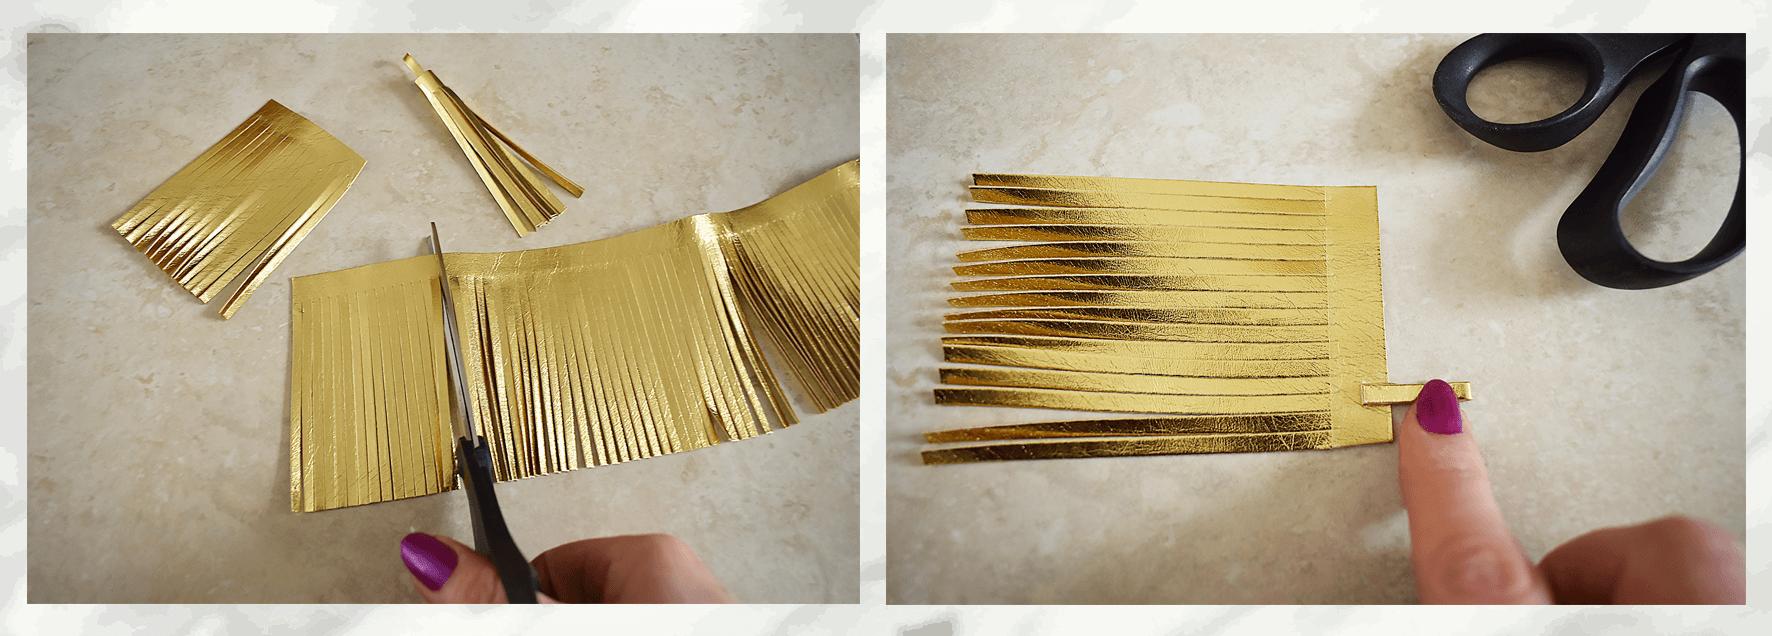 DIY gold tassels for belly basket